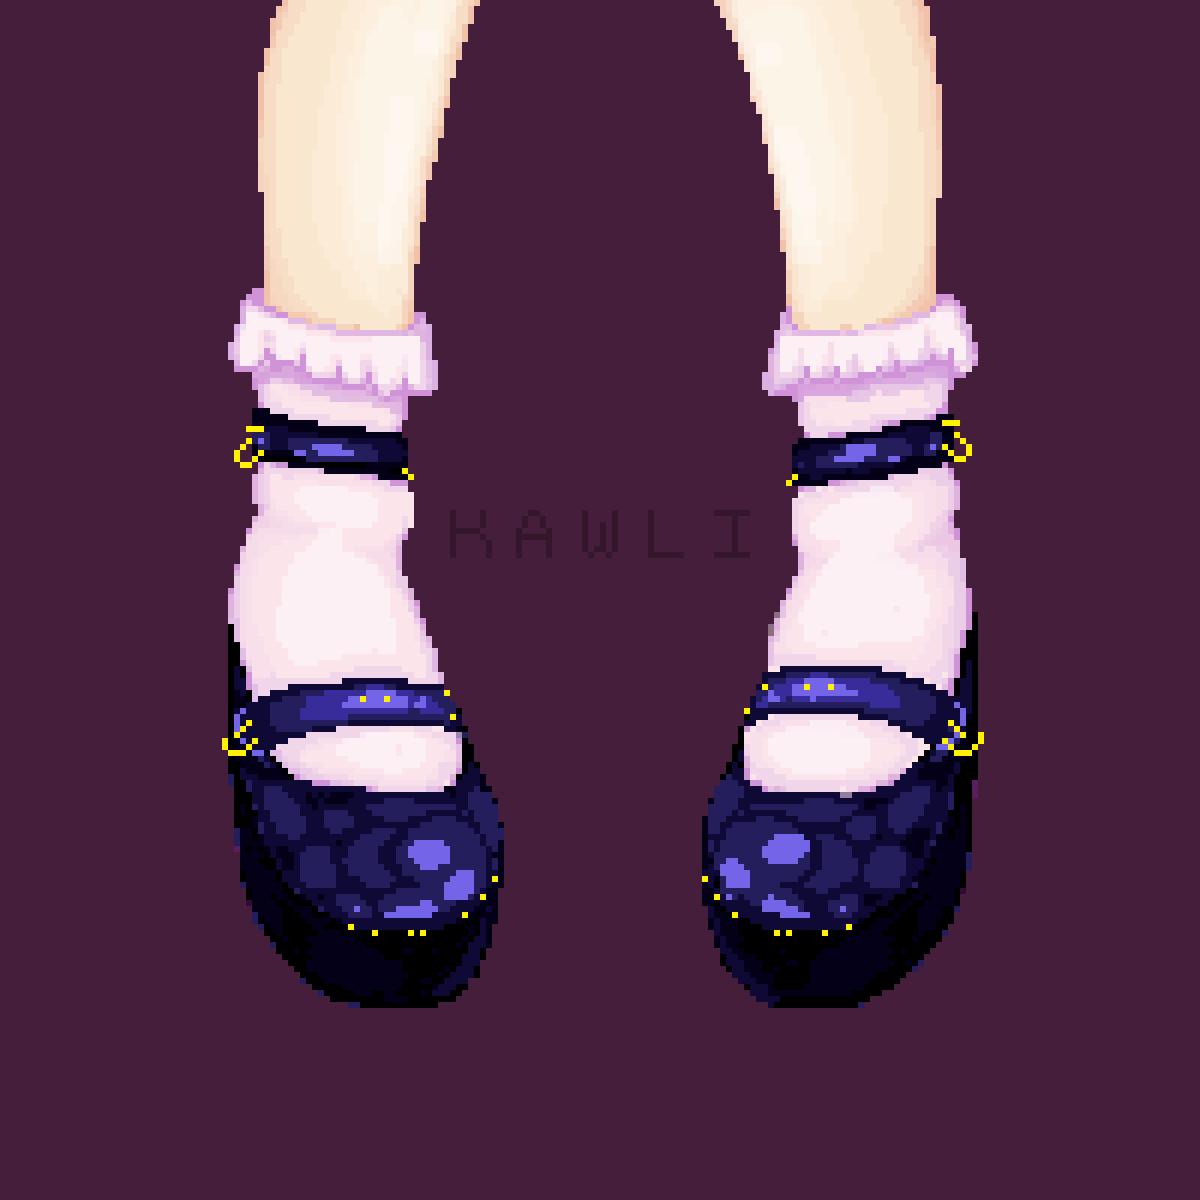 【s h o e s】 by kawli